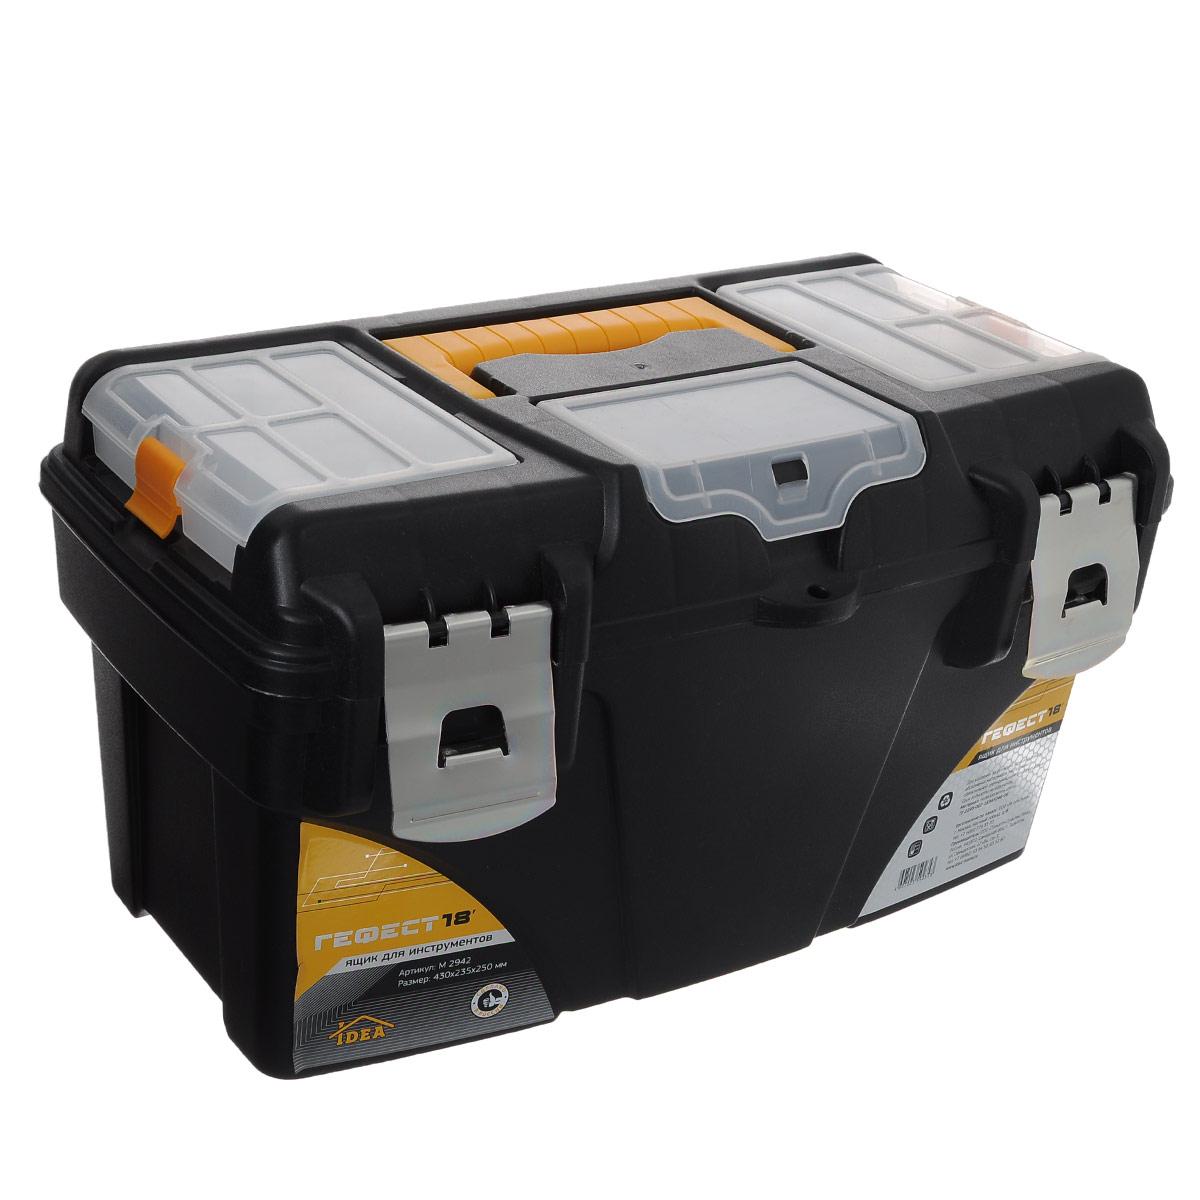 Ящик для инструментов Idea Гефест 18, со съемным органайзером, 43 х 23,5 х 25 см. М 294298298130Ящик Idea Гефест 18 изготовлен из прочного пластика и предназначен для хранения и переноски инструментов. Вместительный, внутри имеет большое главное отделение. В комплект входит съемный лоток с ручкой для инструментов.Крышка оснащена двумя съемными органайзерами и отделением для хранения бит. Ящик закрывается при помощи крепких стальных защелок, которые не допускают случайного открывания.Для более комфортного переноса в руках, на крышке ящика предусмотрена удобная ручка.